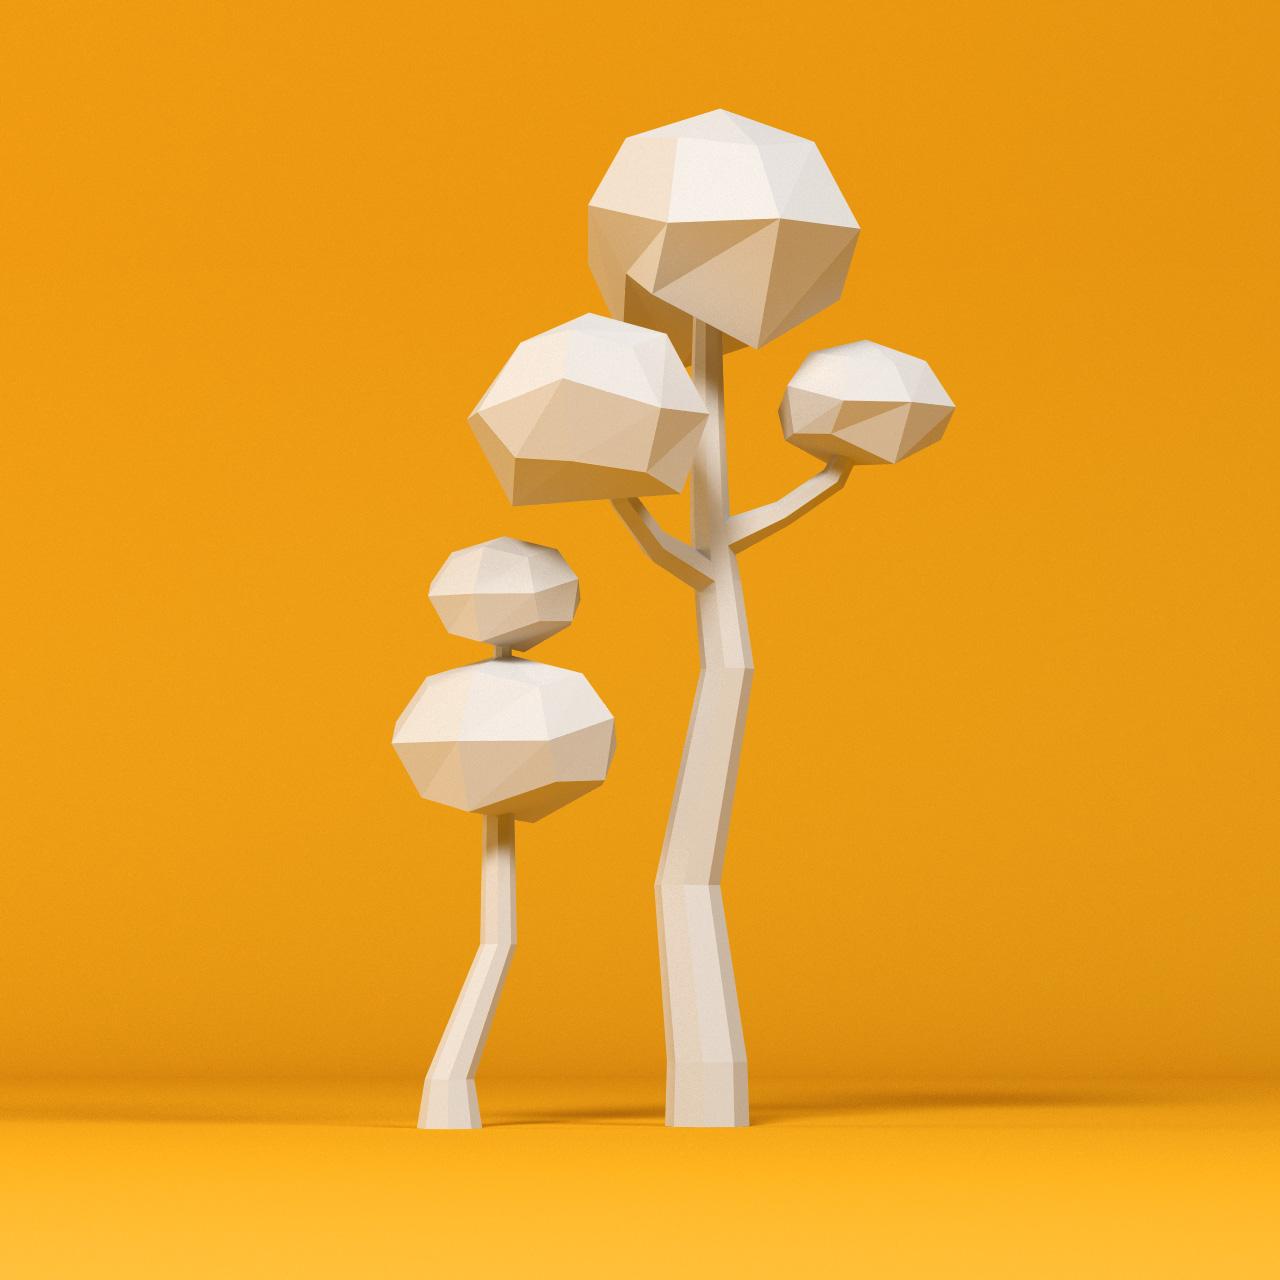 low_poly_tree_2 .jpg